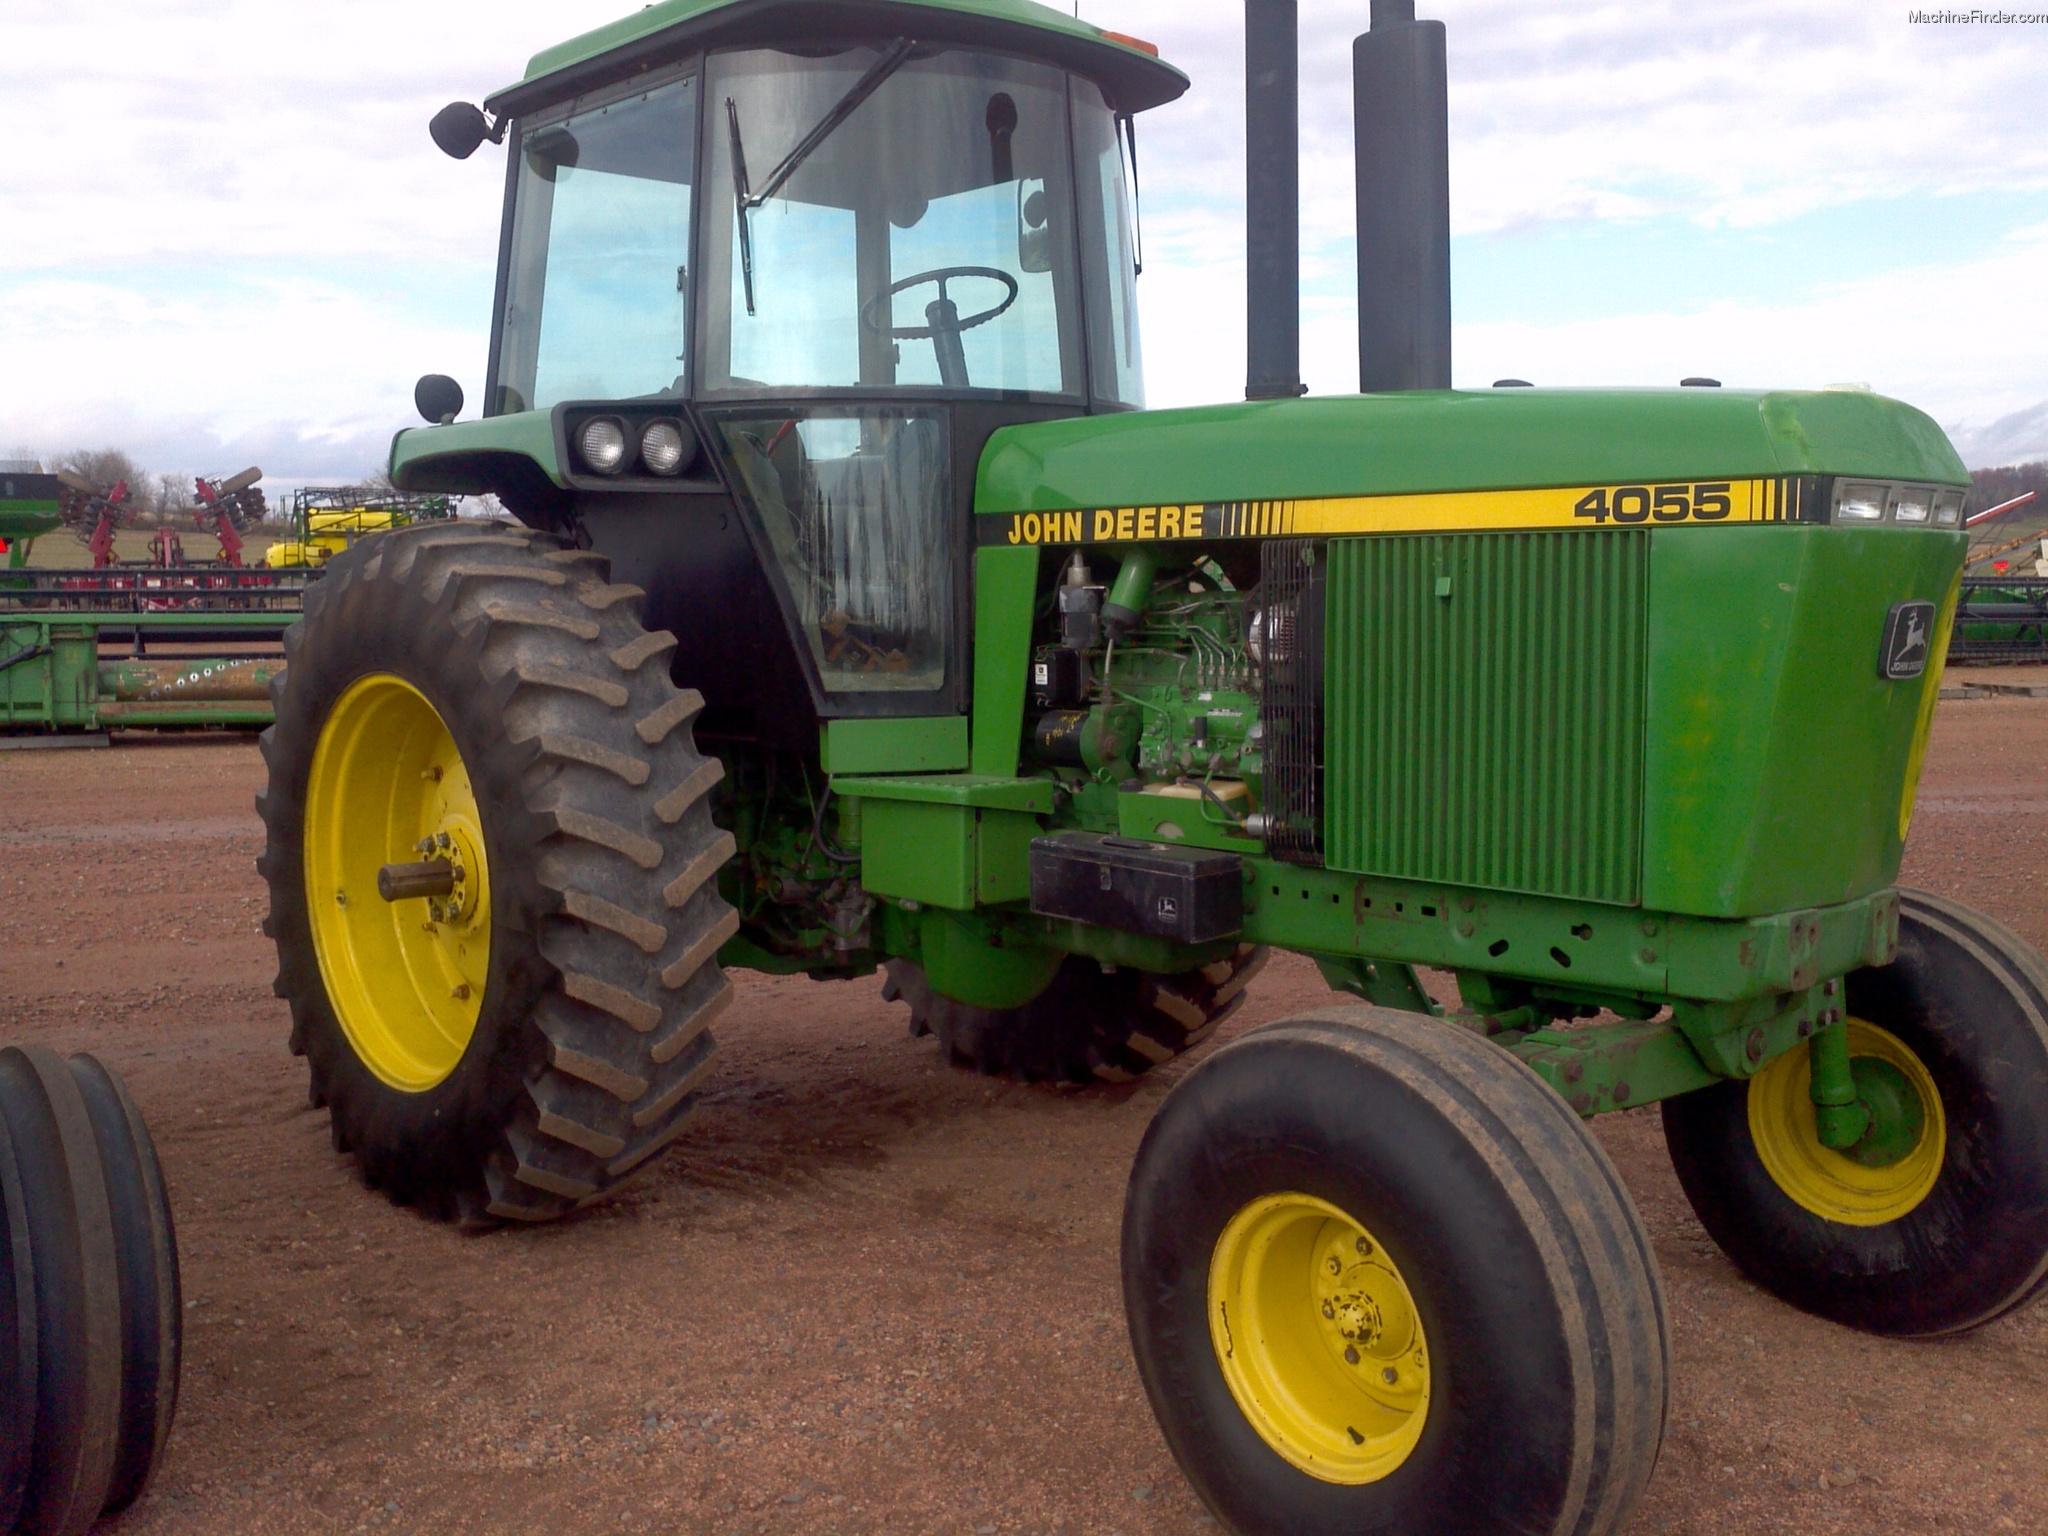 john deere 4055 series tractors